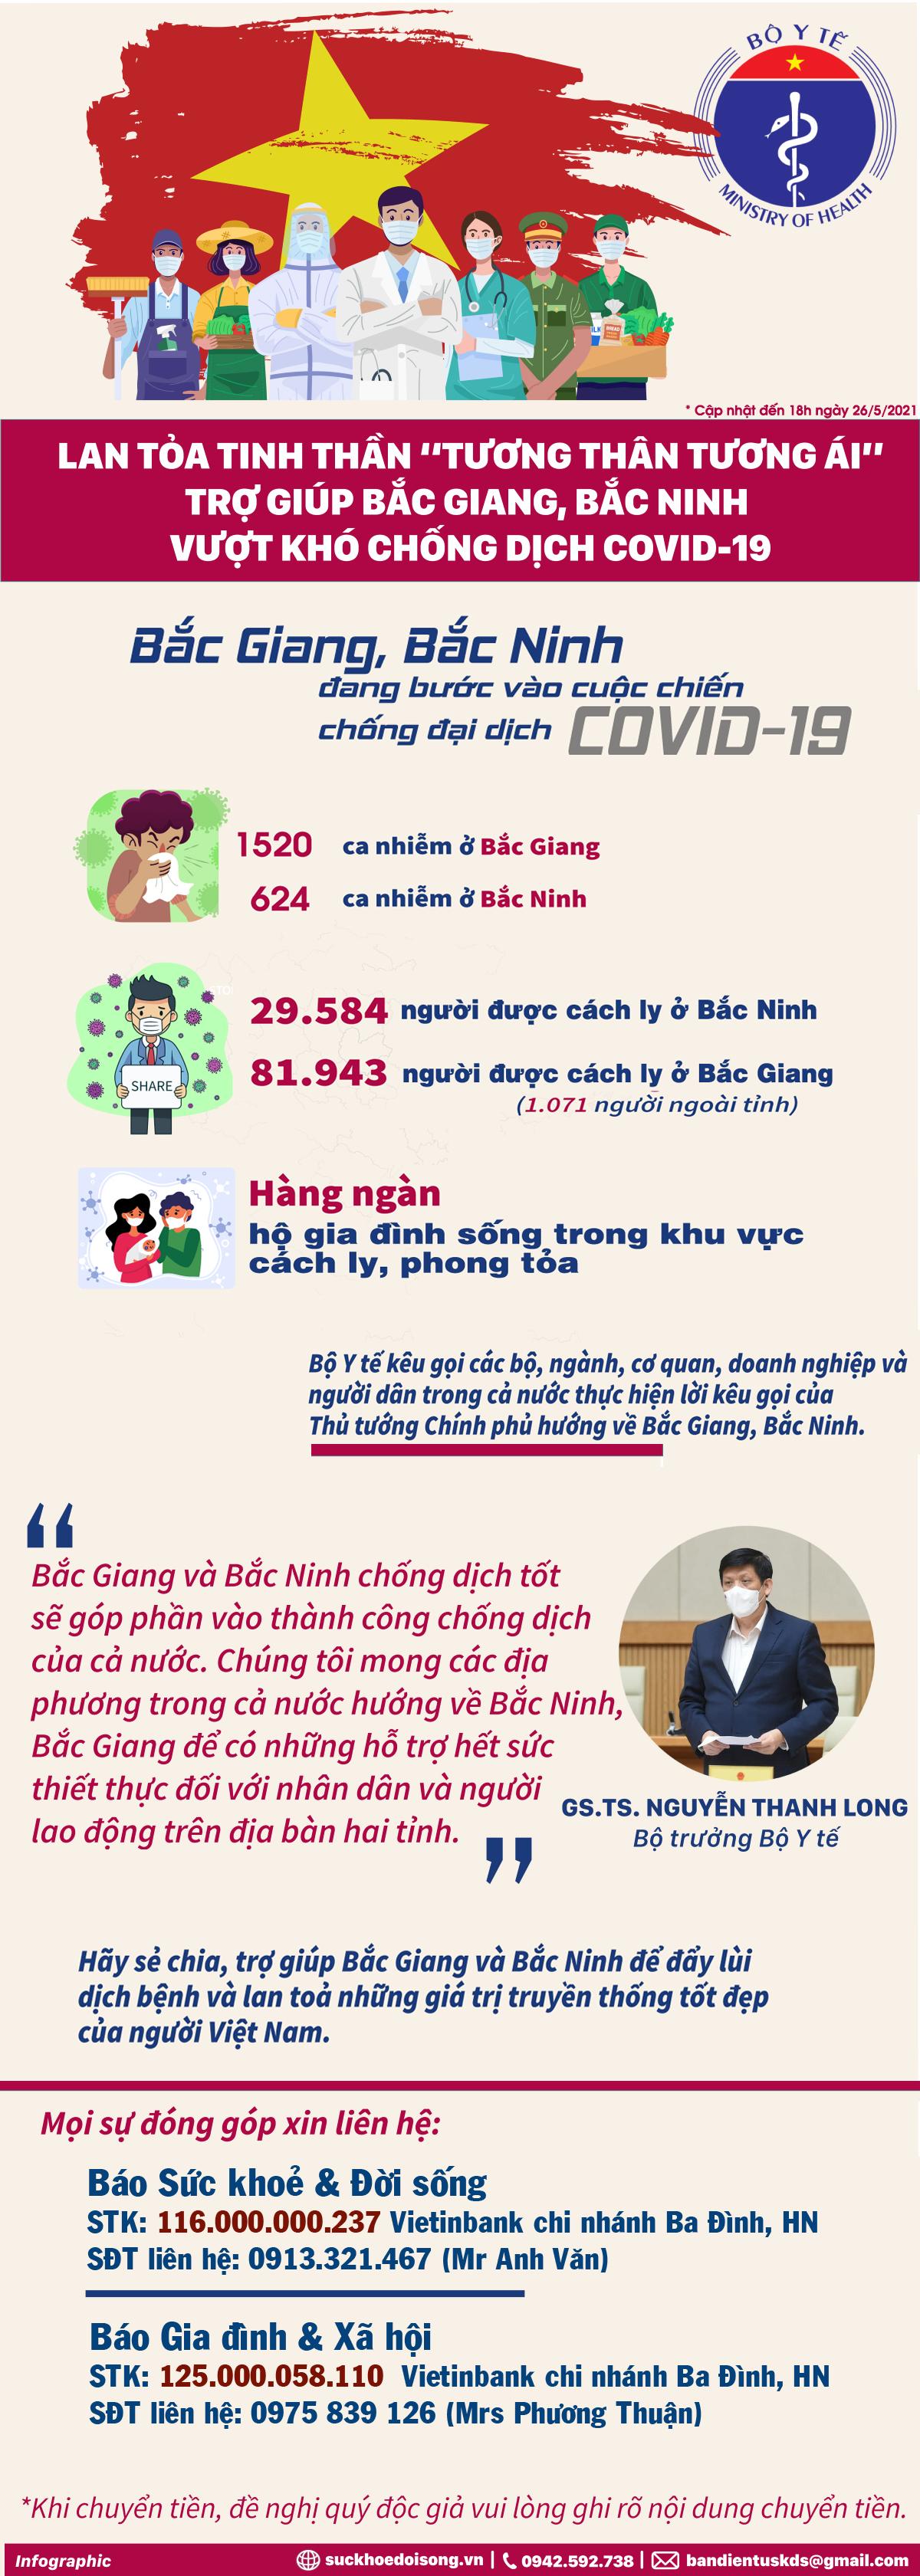 Hơn 2,5 tỷ đồng gửi tới tuyến đầu chống dịch Bắc Giang, Bắc Ninh - Ảnh 13.